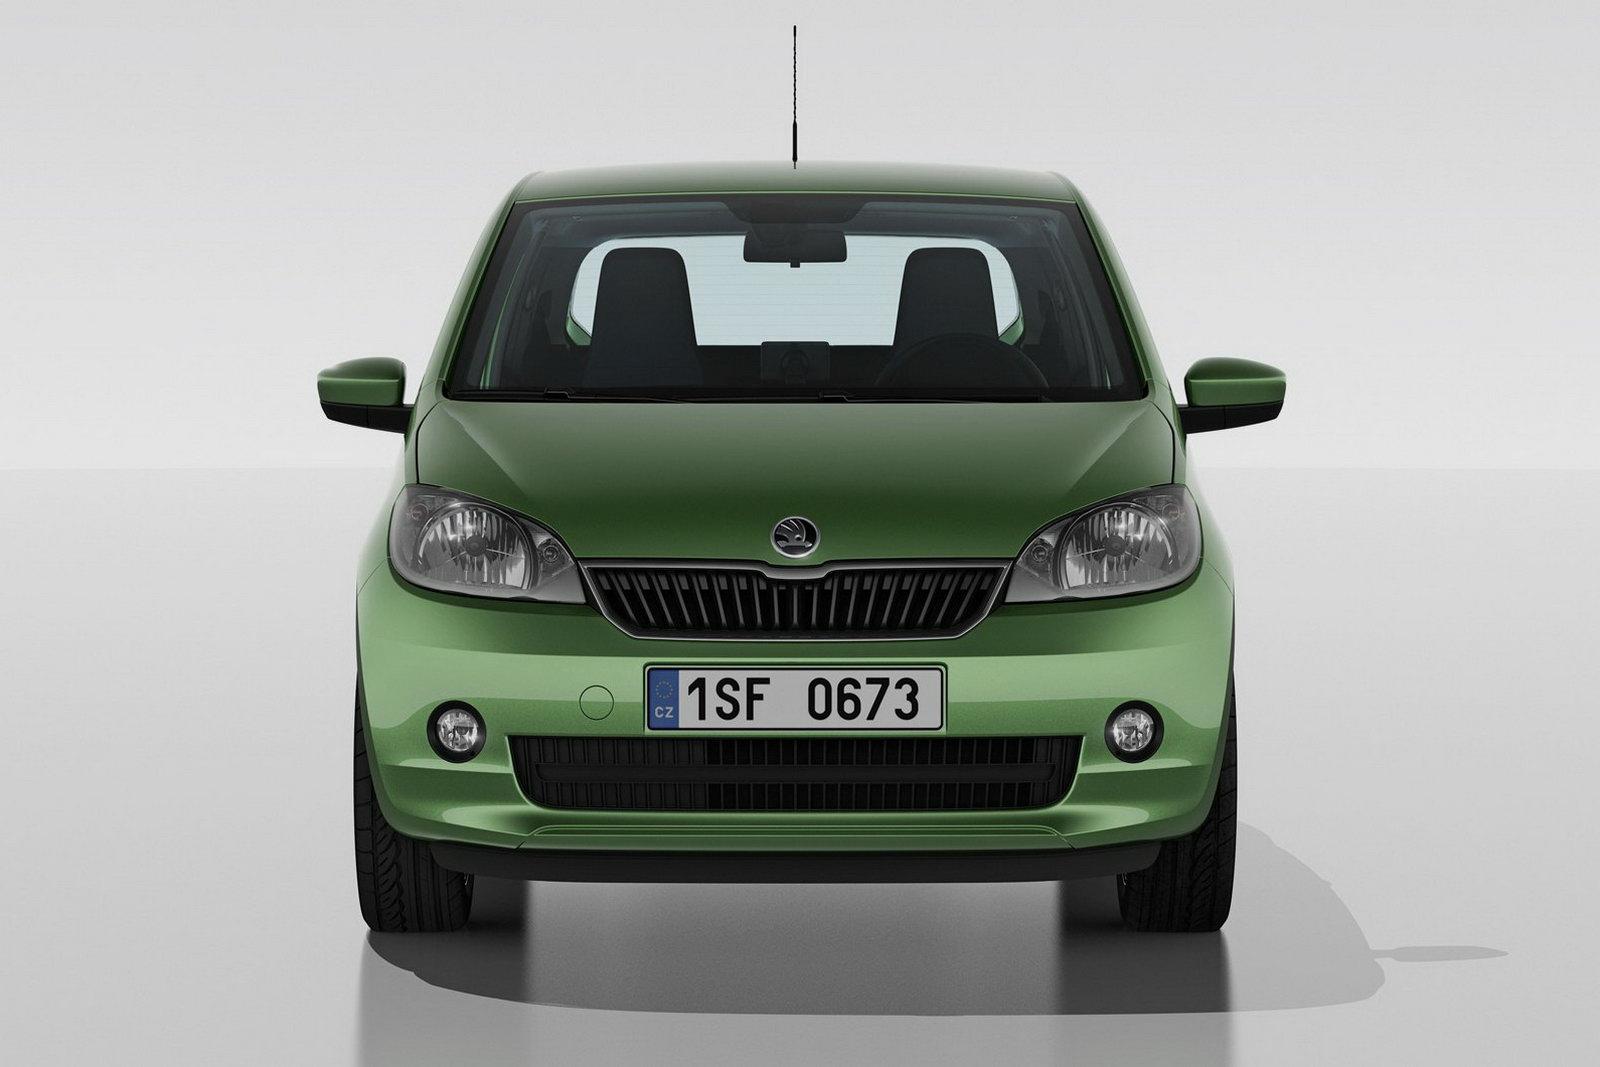 2012_skoda_citigo_city_car_03